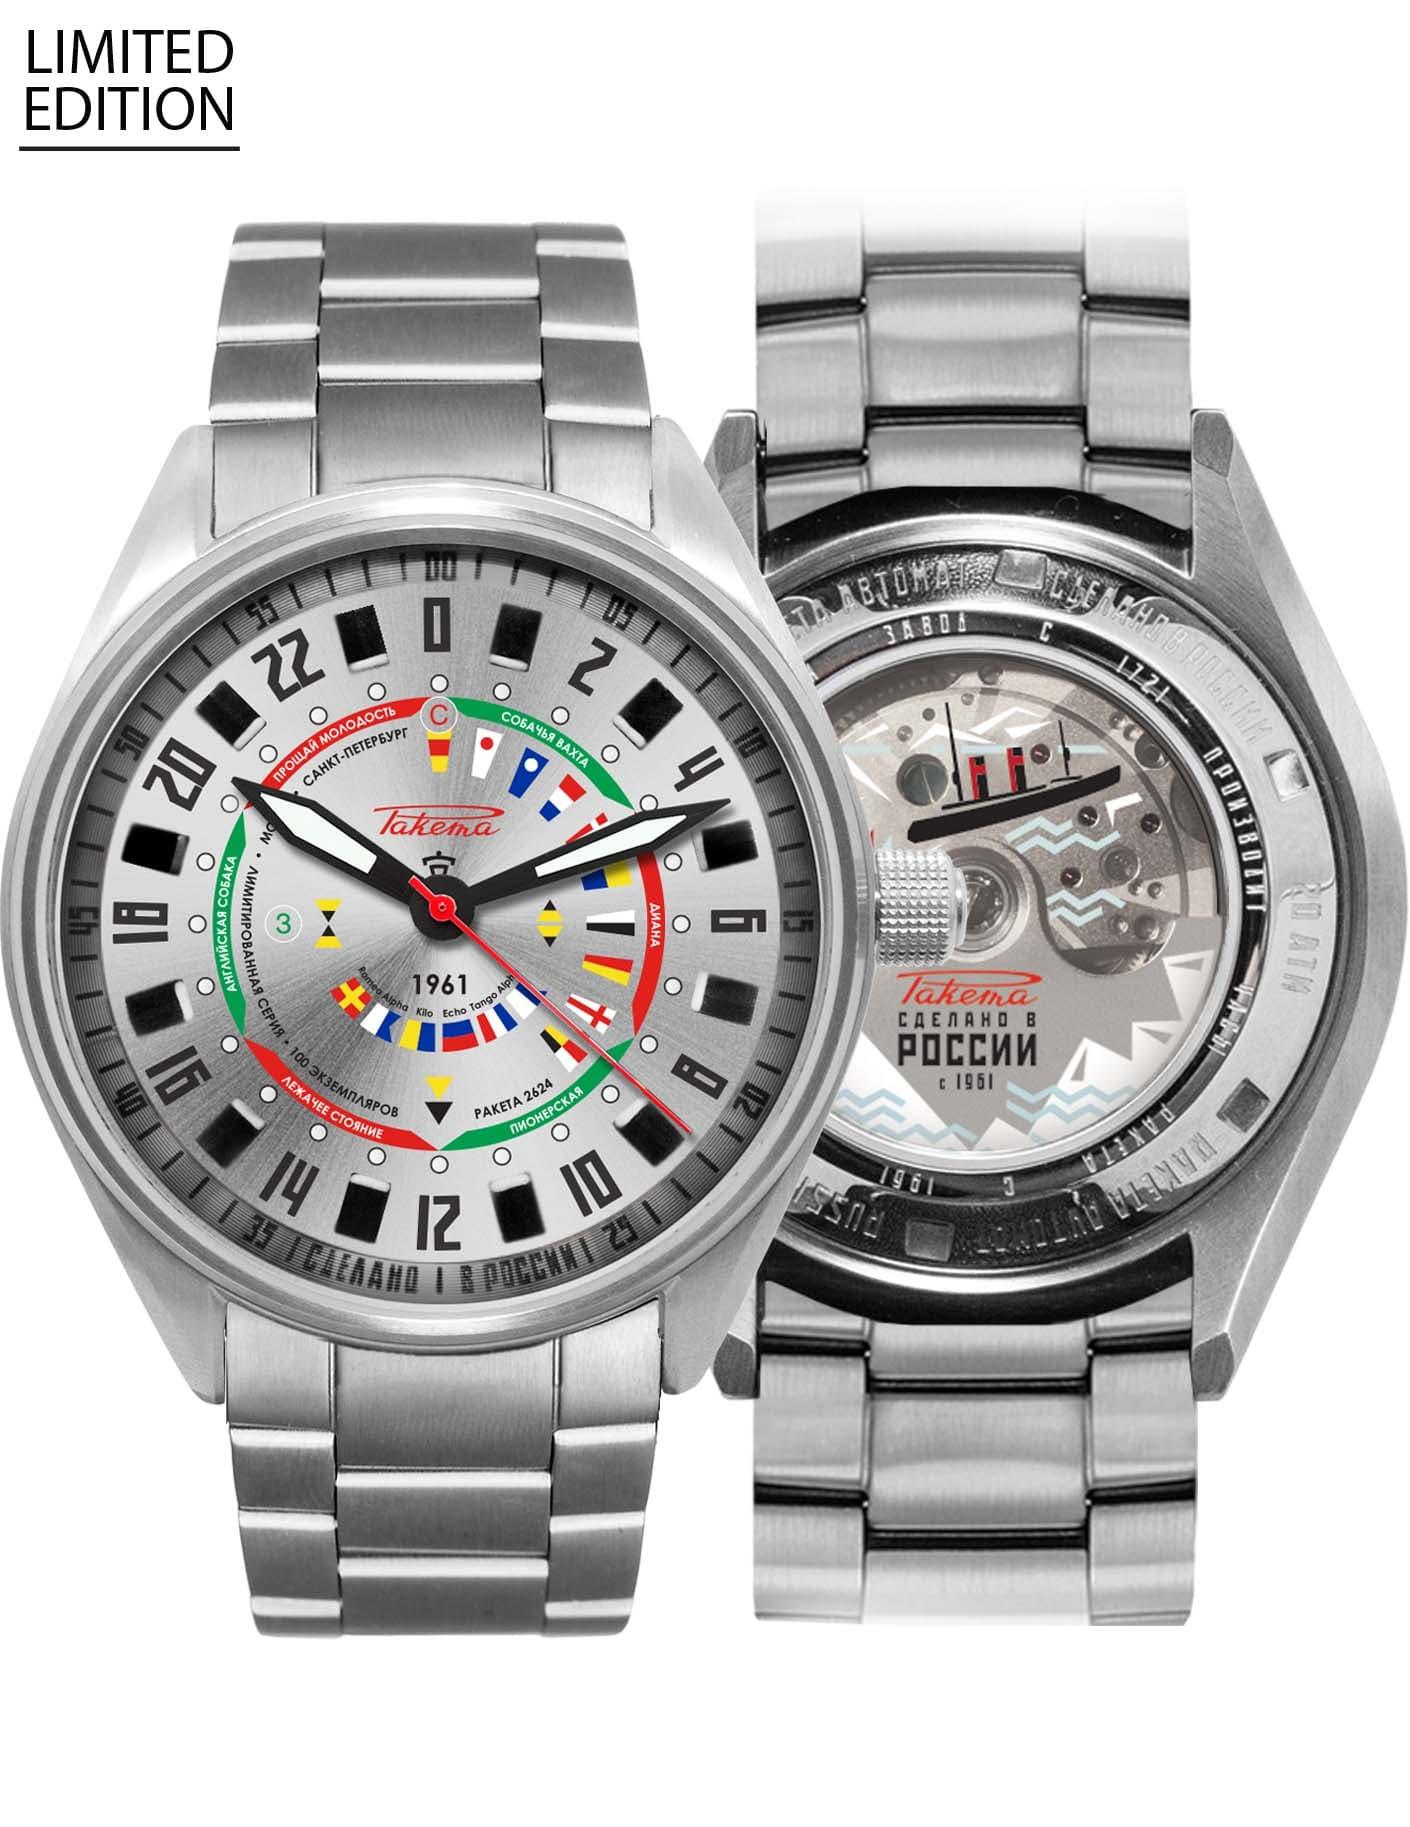 Часов ракета 1961 стоимость продам часы антиквариат